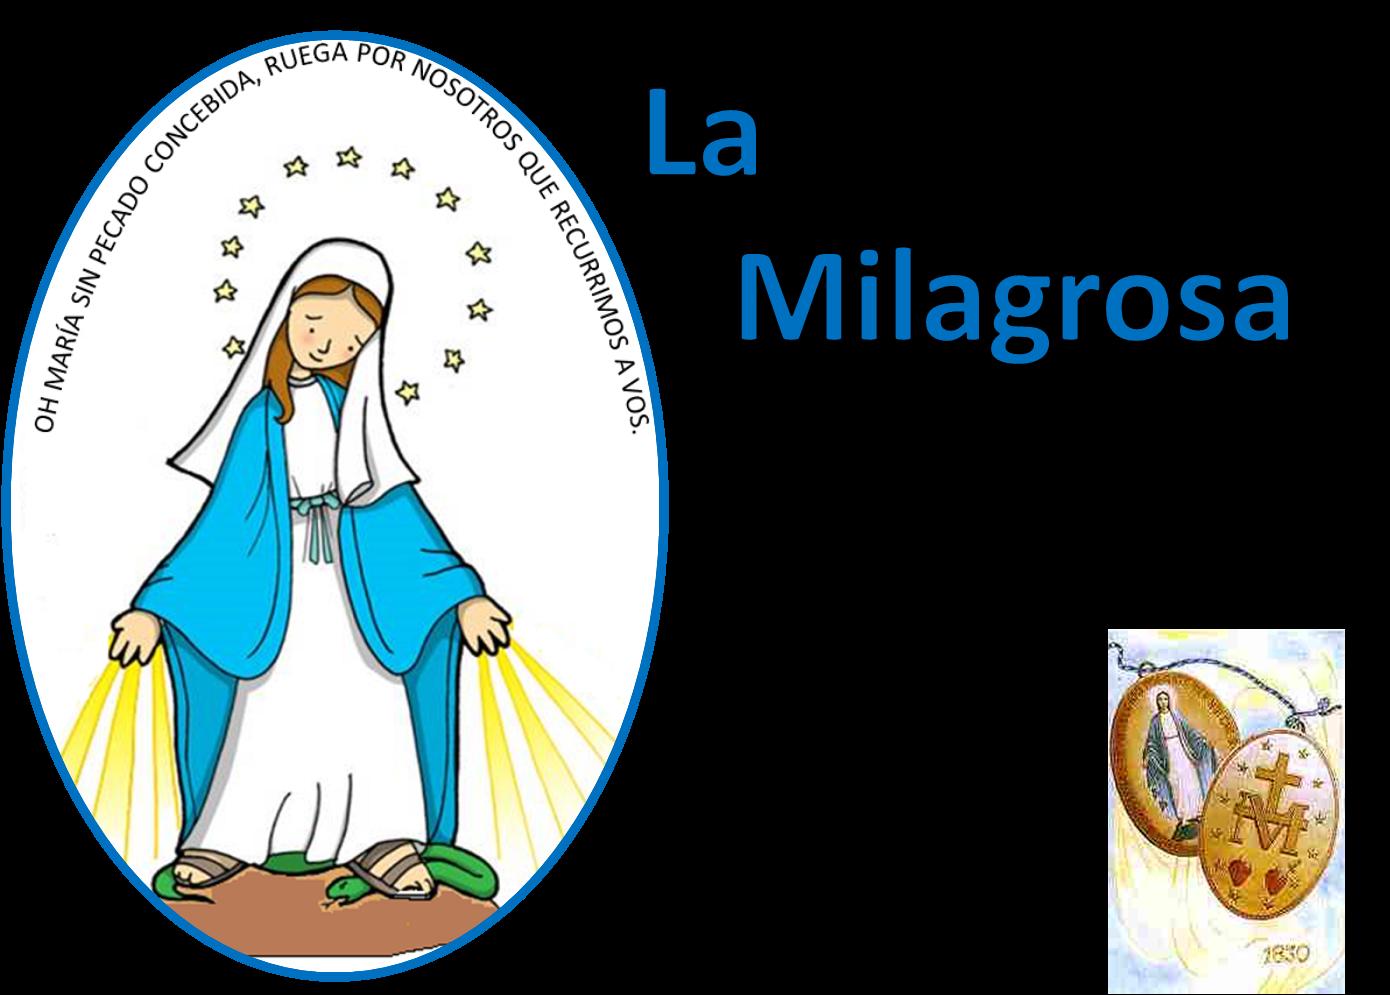 Colegio Colegio La Milagrosa | New Style for 2016-2017